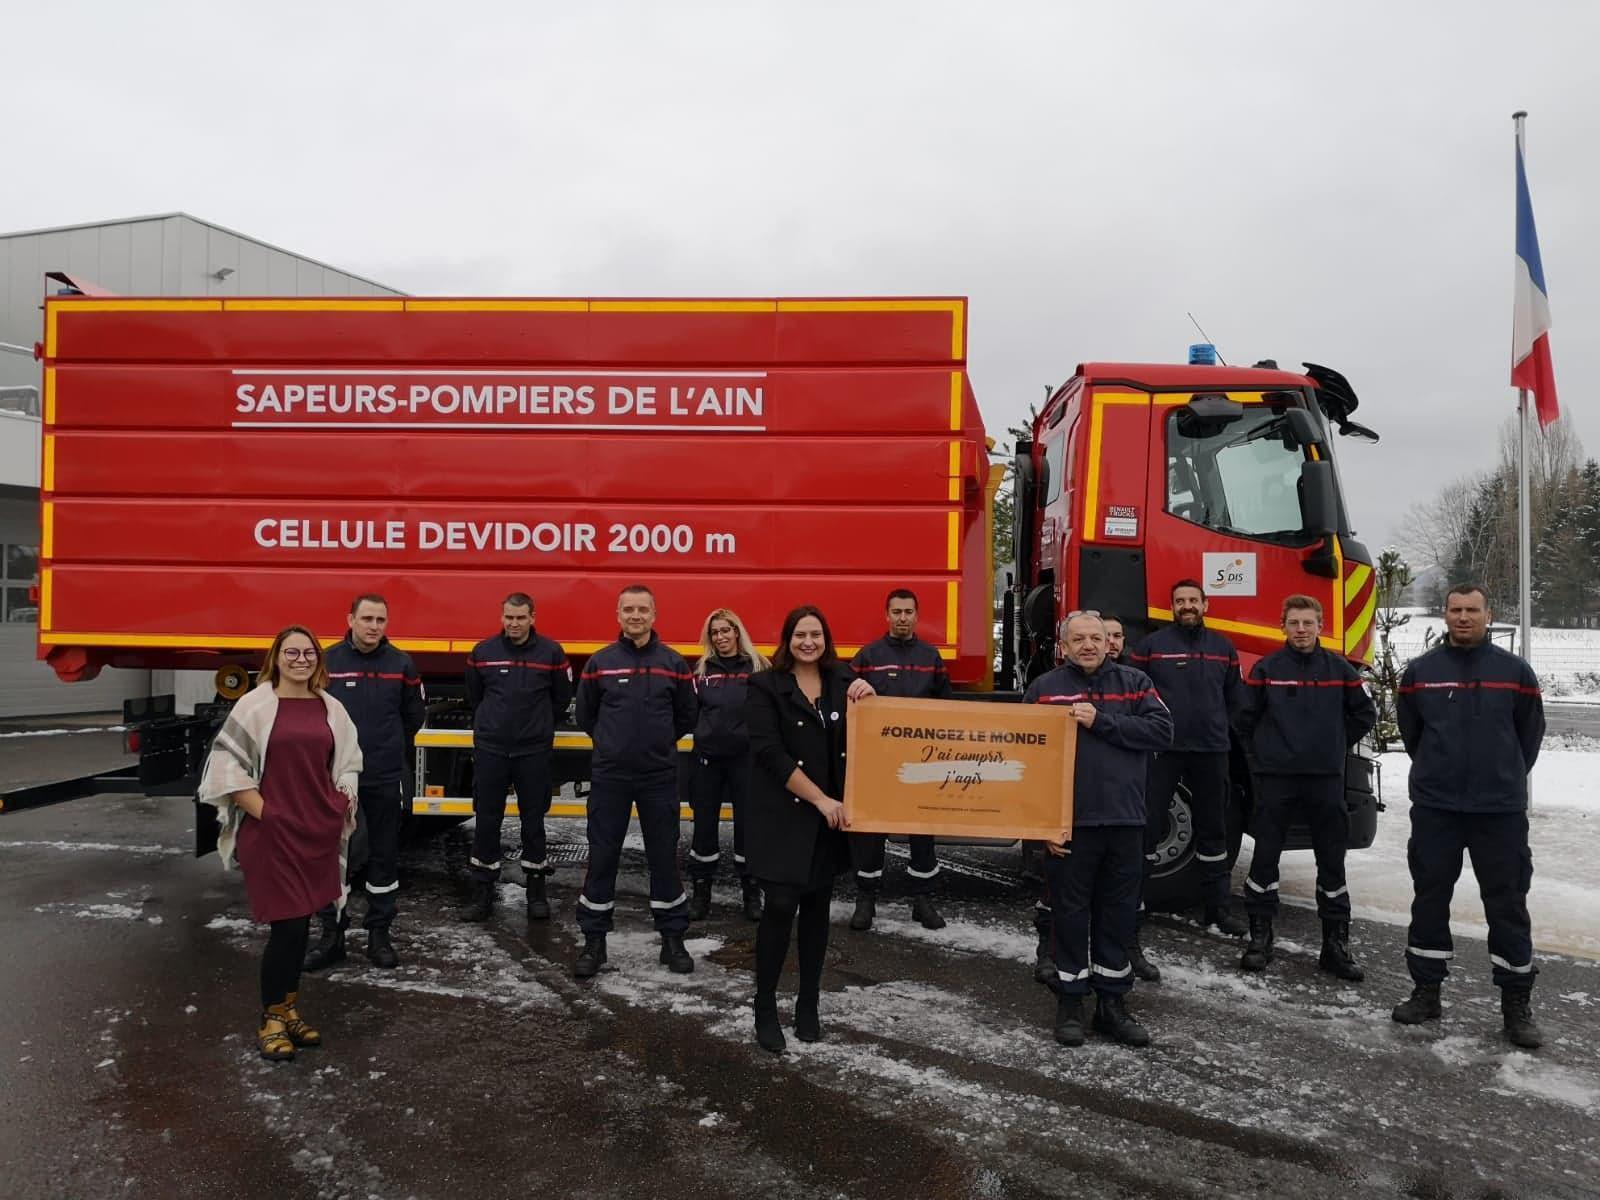 Les pompiers de la caserne Gex-Divonne ont répondu présents.